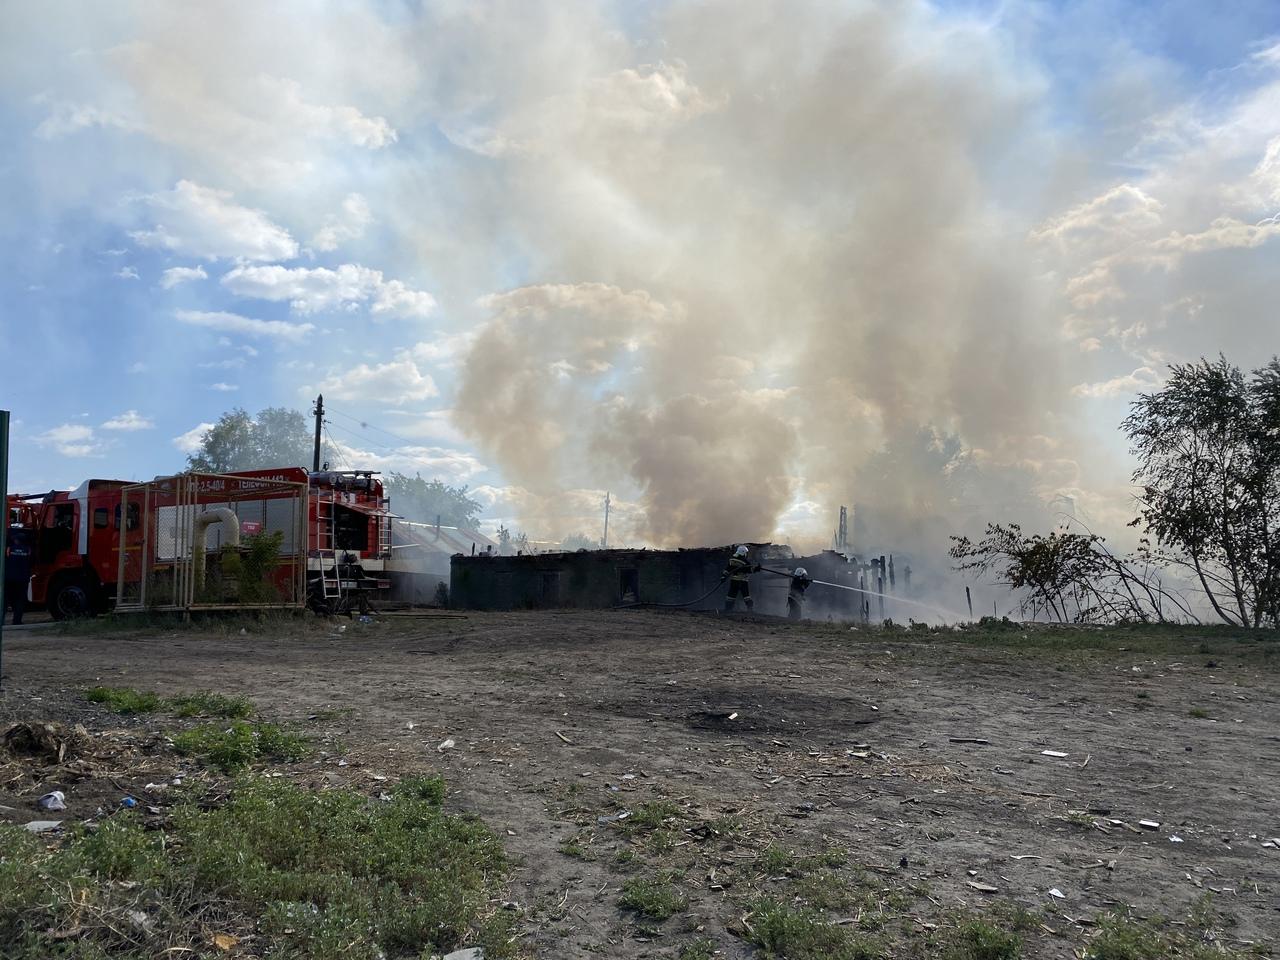 В Омске рядом с магистральным газопроводом горят частные дома #Новости #Общество #Омск